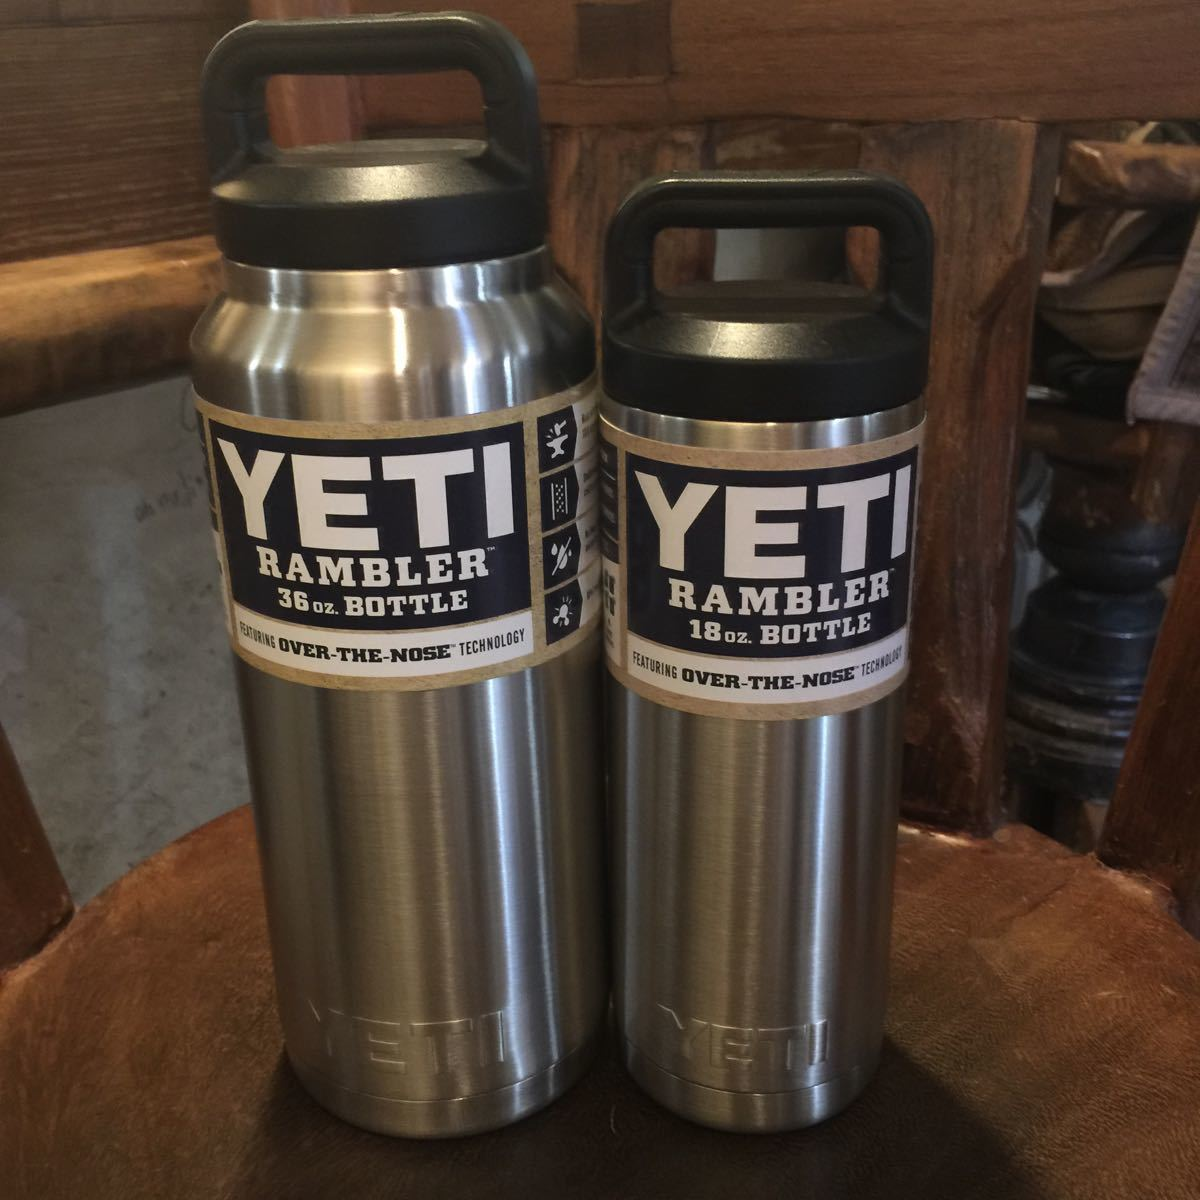 2個組 YETI イエティ RAMBLER Bottle 36oz (約1060ml) RAMBLER Bottle 18oz クーラーボトル 水筒